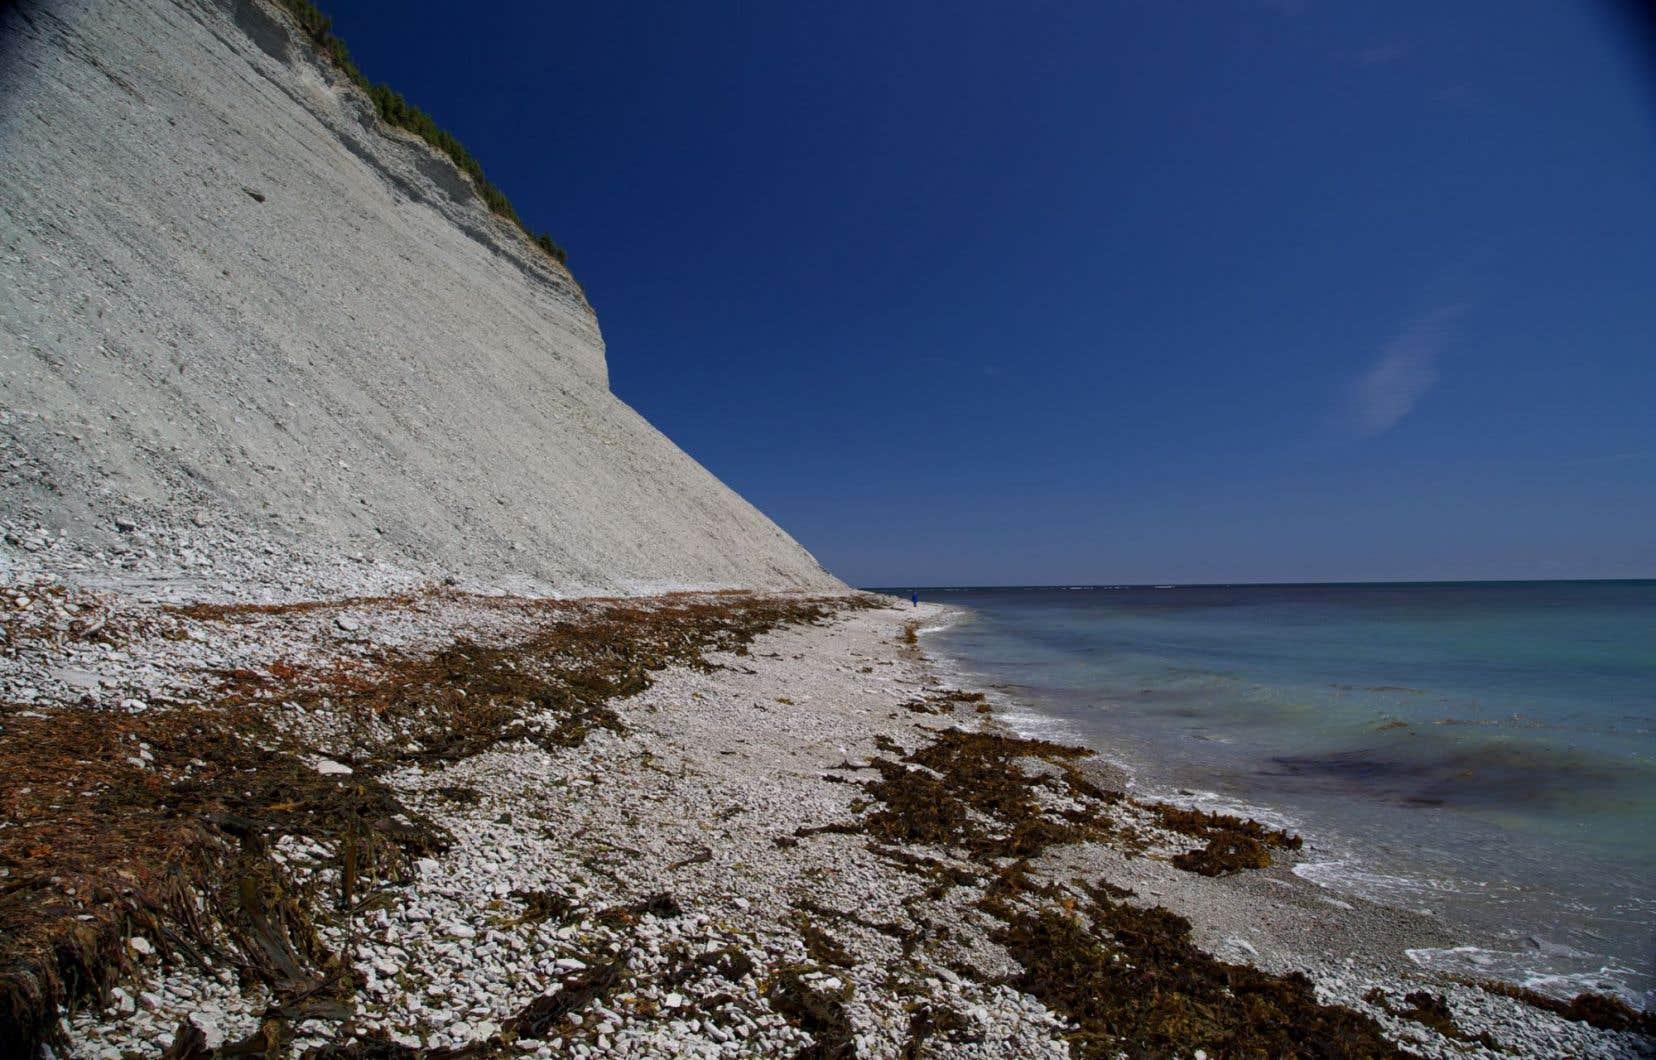 «?Le sentier côtier d'Anticosti que j'imagine ceinturerait de très près les 530 kilomètres de rive de cette île afin que le marcheur puisse y contempler les flots puissants du golfe et la vie marine observable de la côte», écrit André Clouâtre.